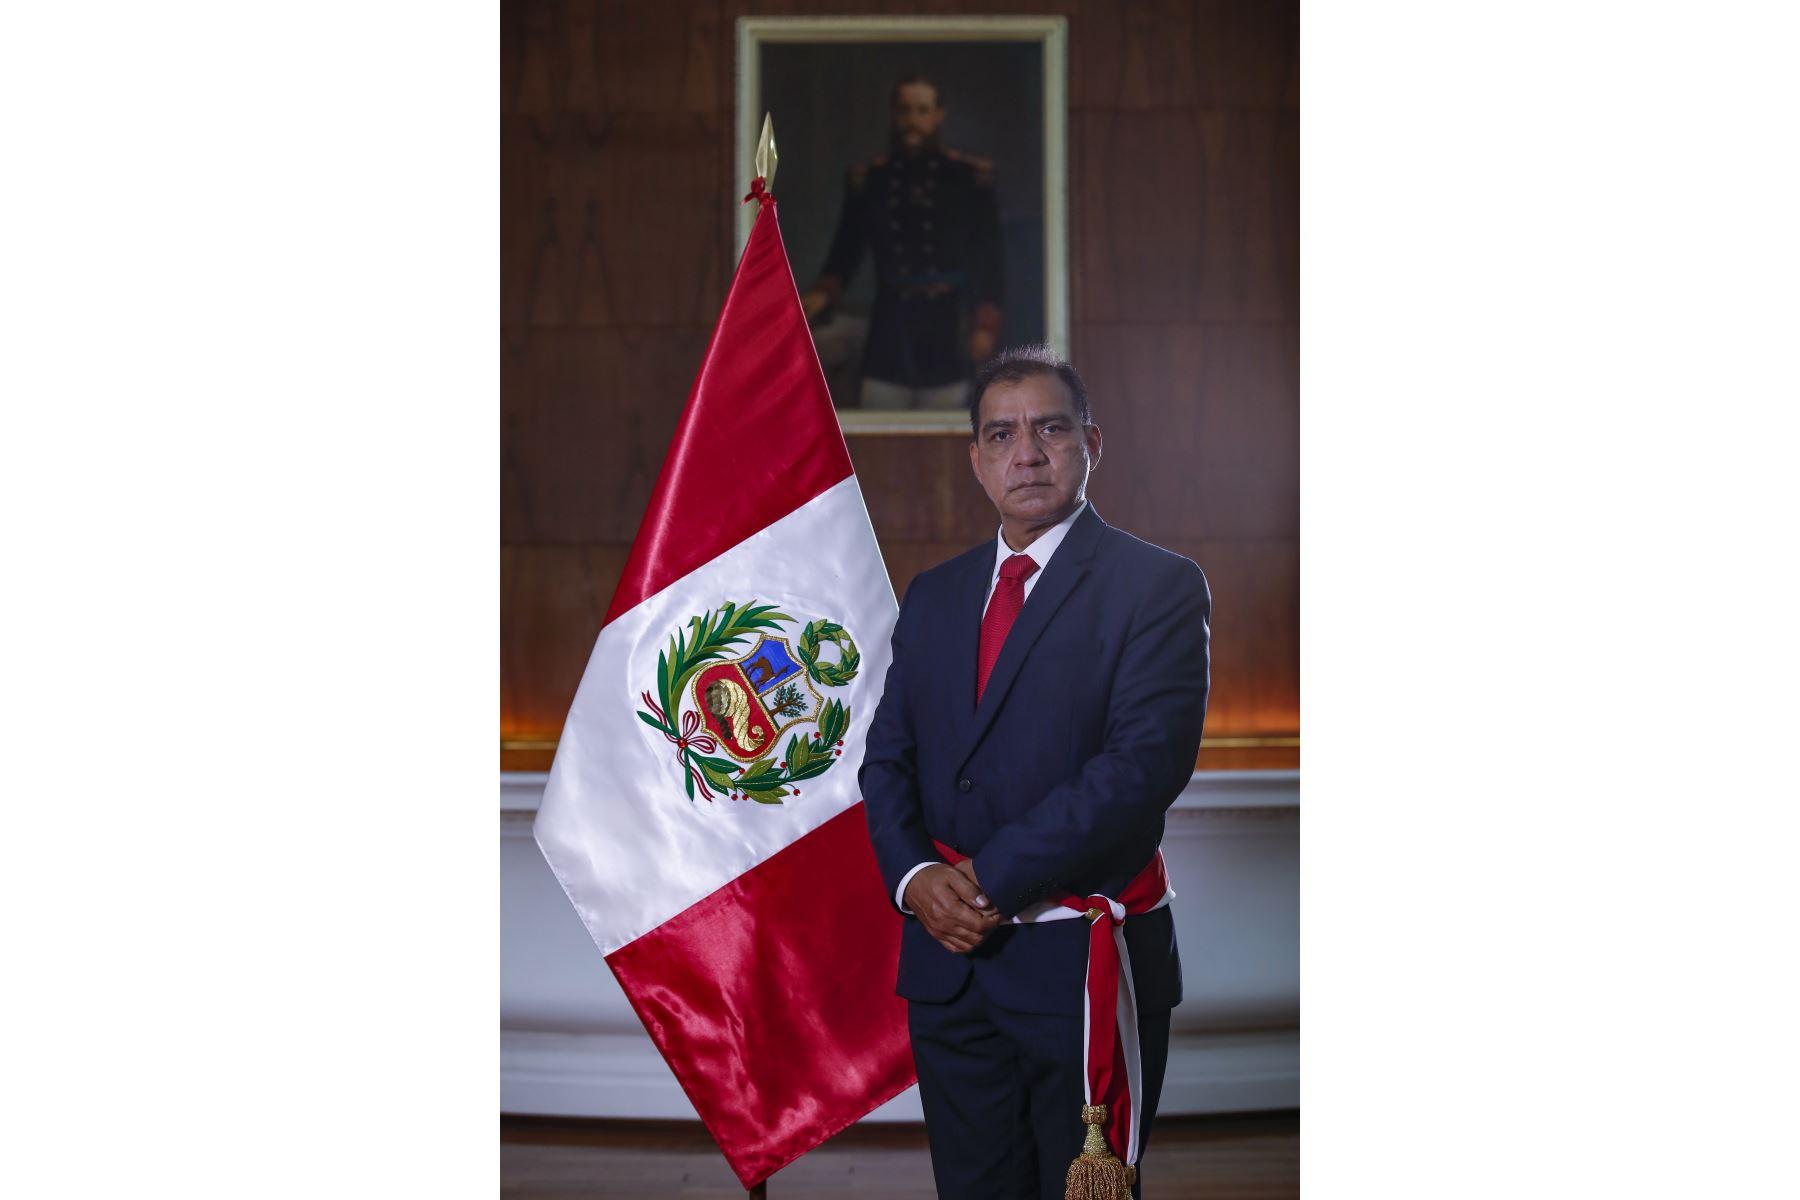 Conoce el perfil del nuevo ministro del Interior, Luis Barranzuela Vite